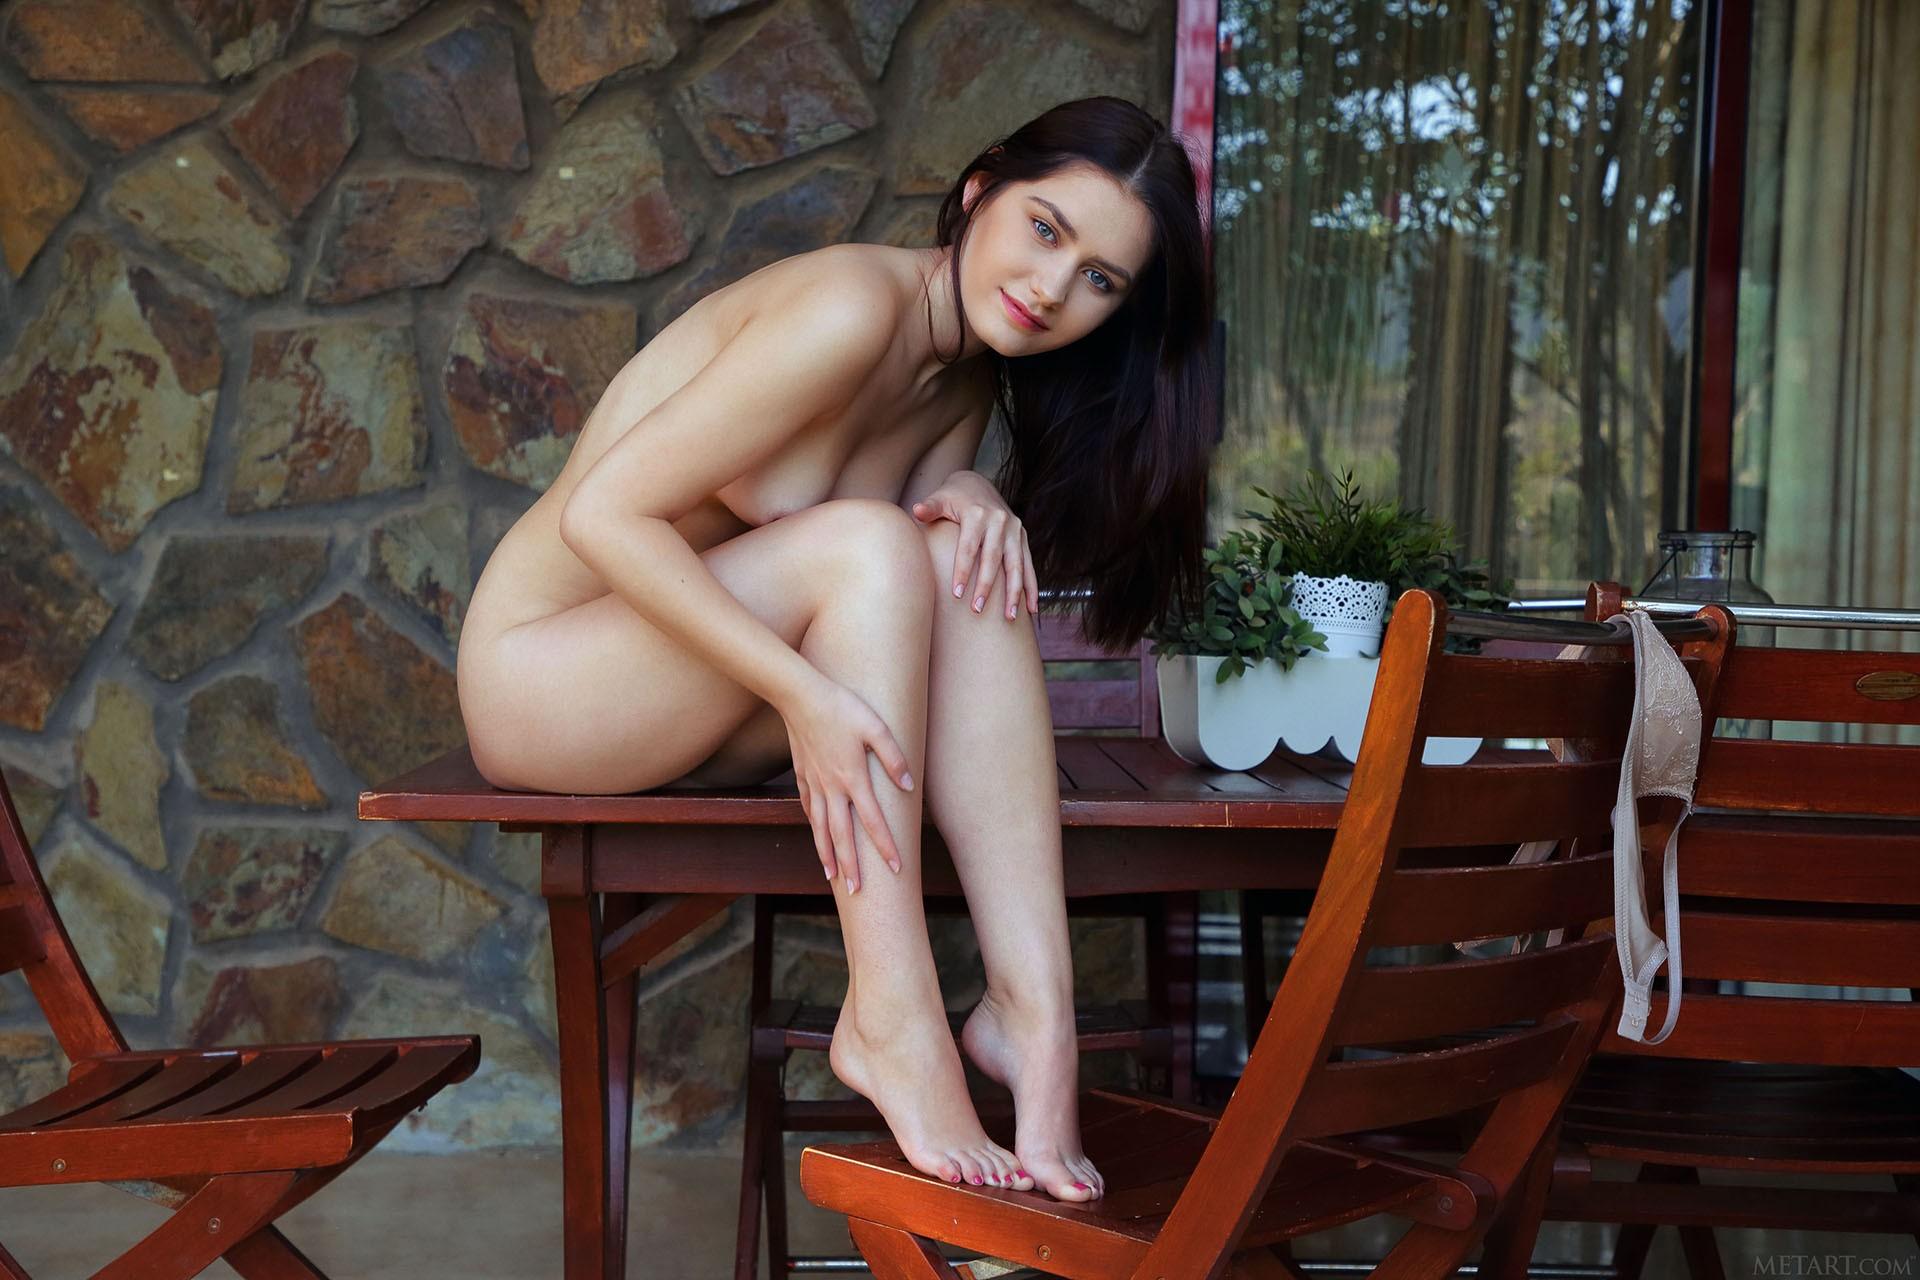 http://media.naked-woman.org/uploads/2020/04/10586_49.jpg